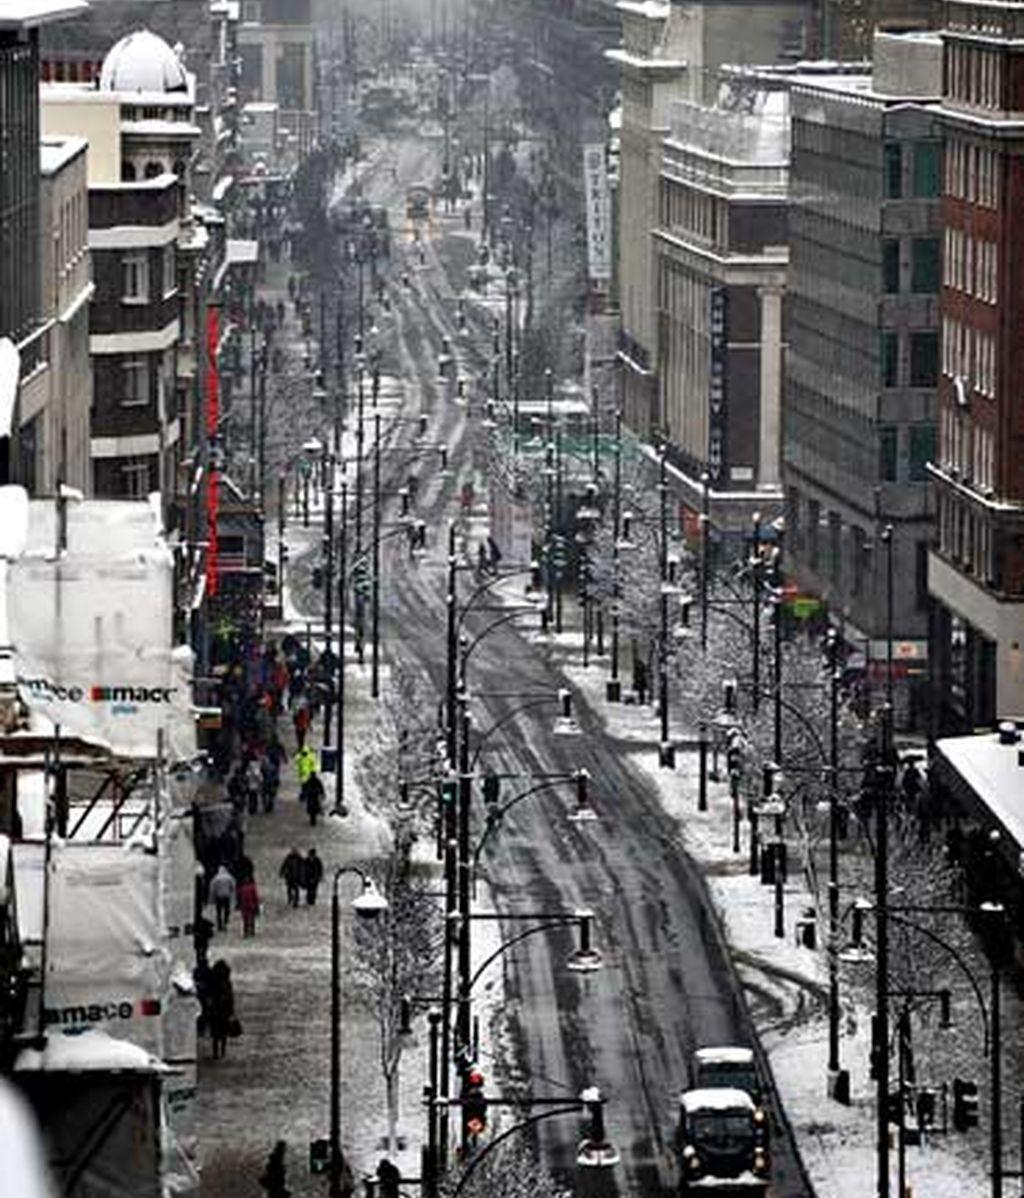 Vista de Londres tras la intensa nevada. Los servicios meteorológicos ya han advertido de que la nieve puede superar los 20 centímetros en el noreste de Inglaterra, Gales y parte de Escocia. Foto EFE